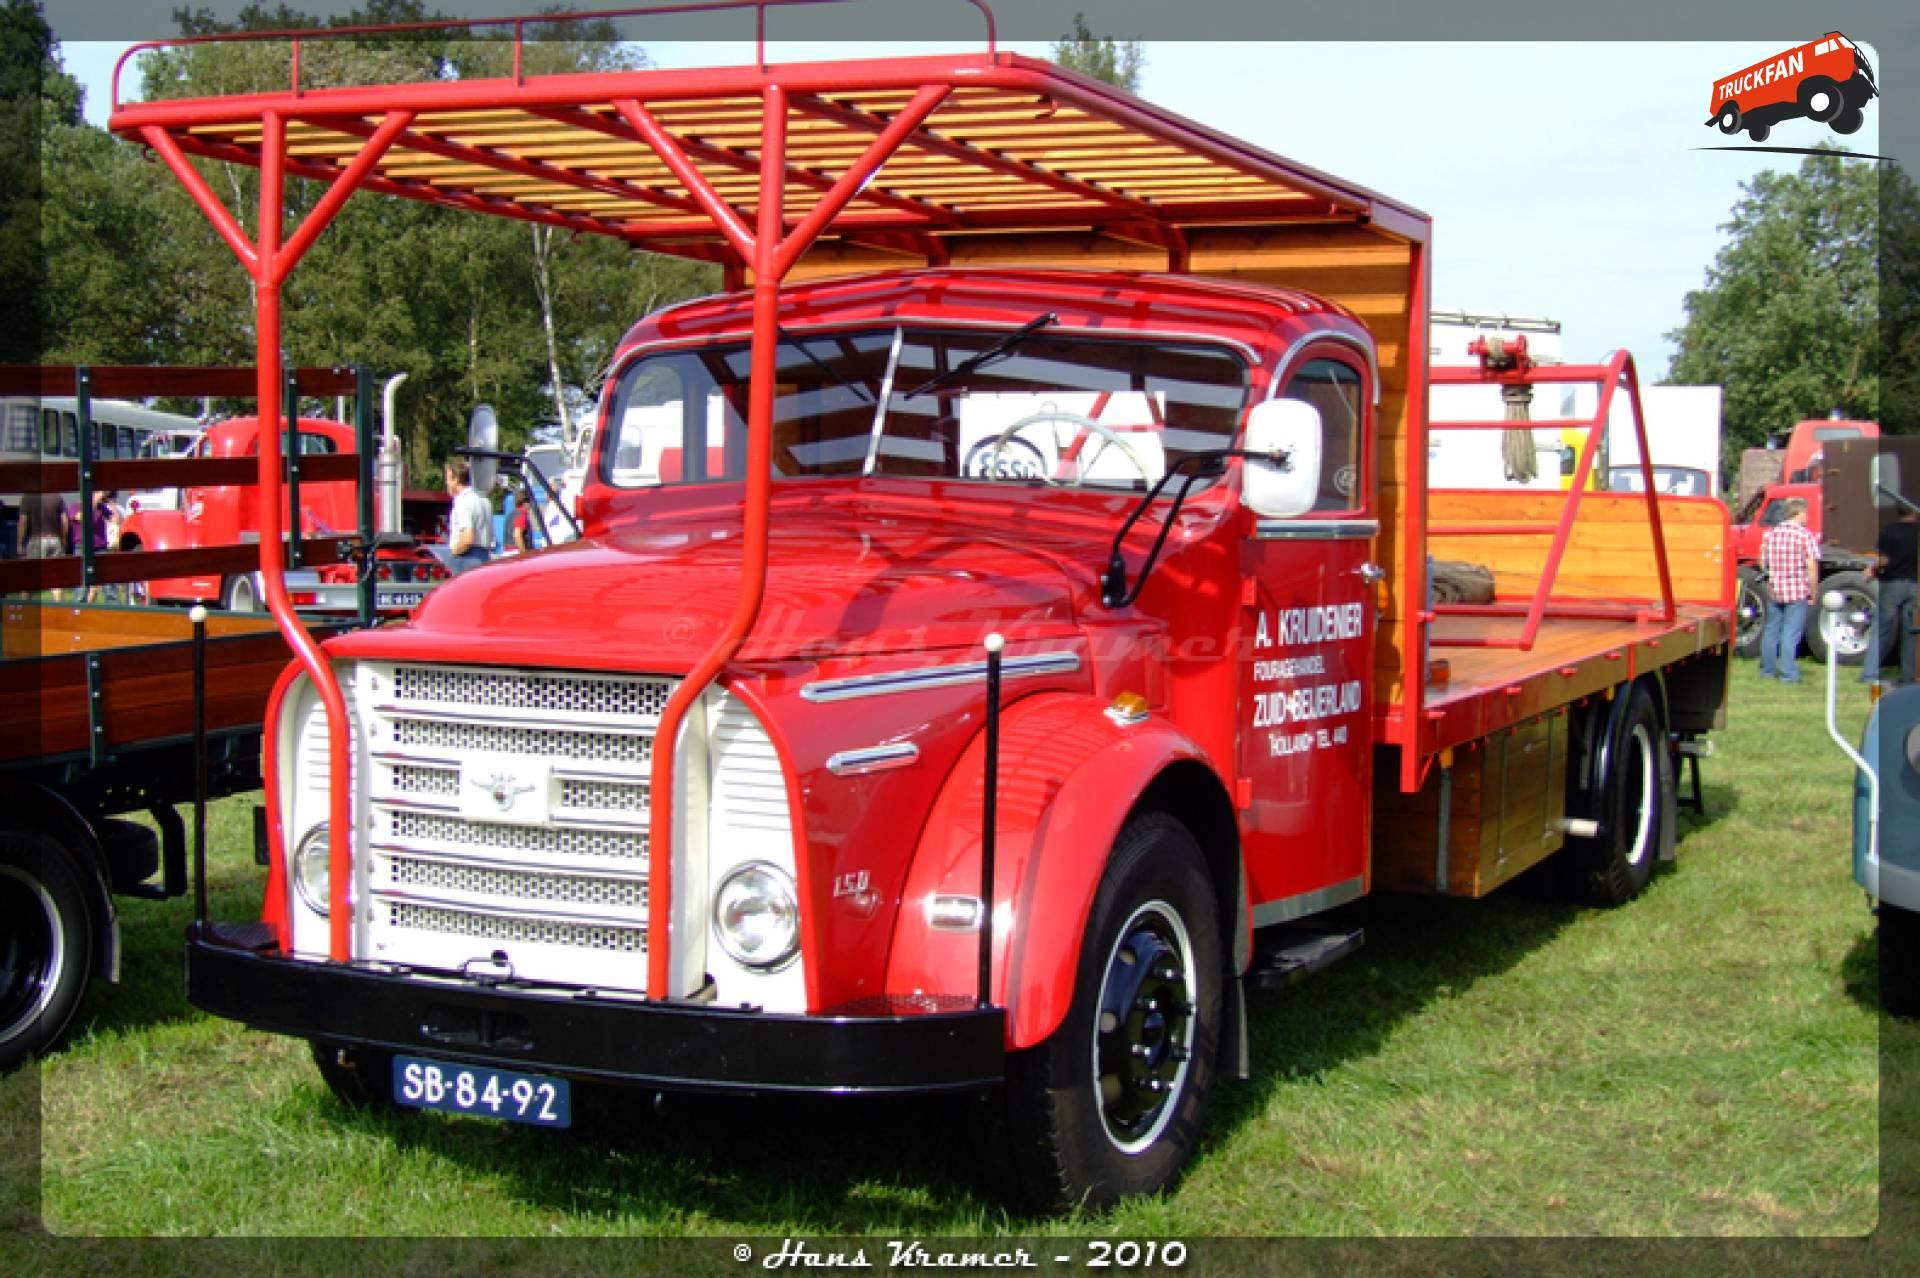 DAF A15